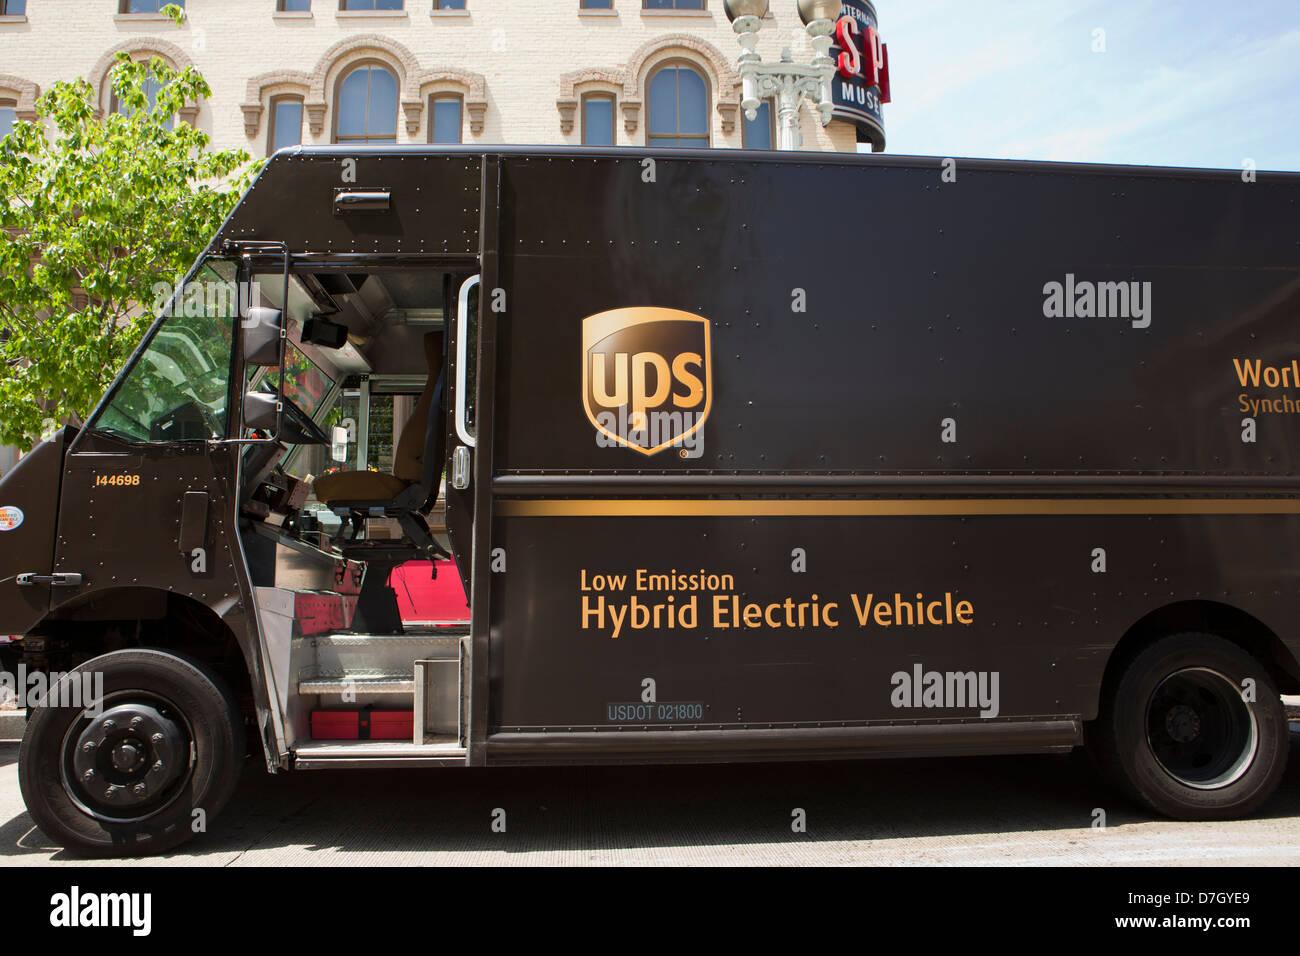 UPS bassa emissione ibrida elettrica carrello di consegna Immagini Stock